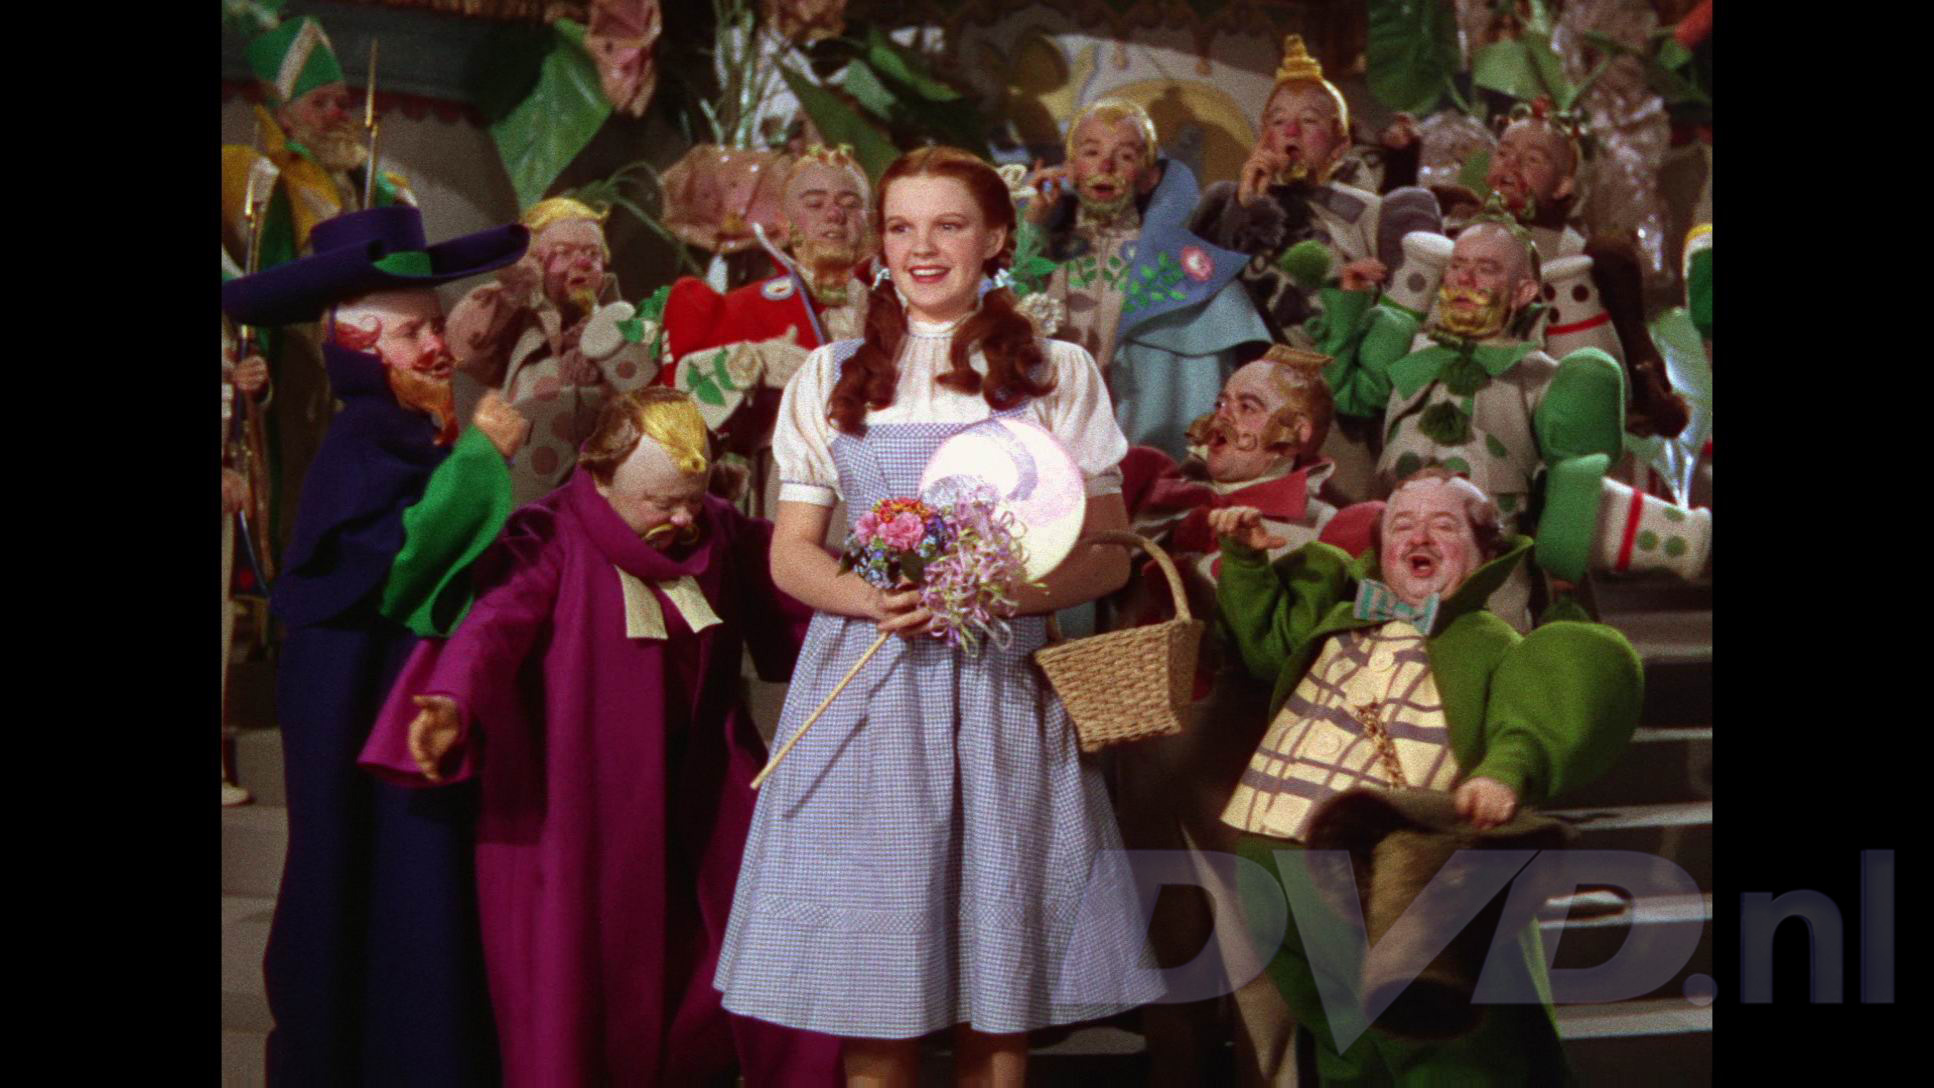 Ik ben niet uit een Munchkin van de tovenaar van Oz